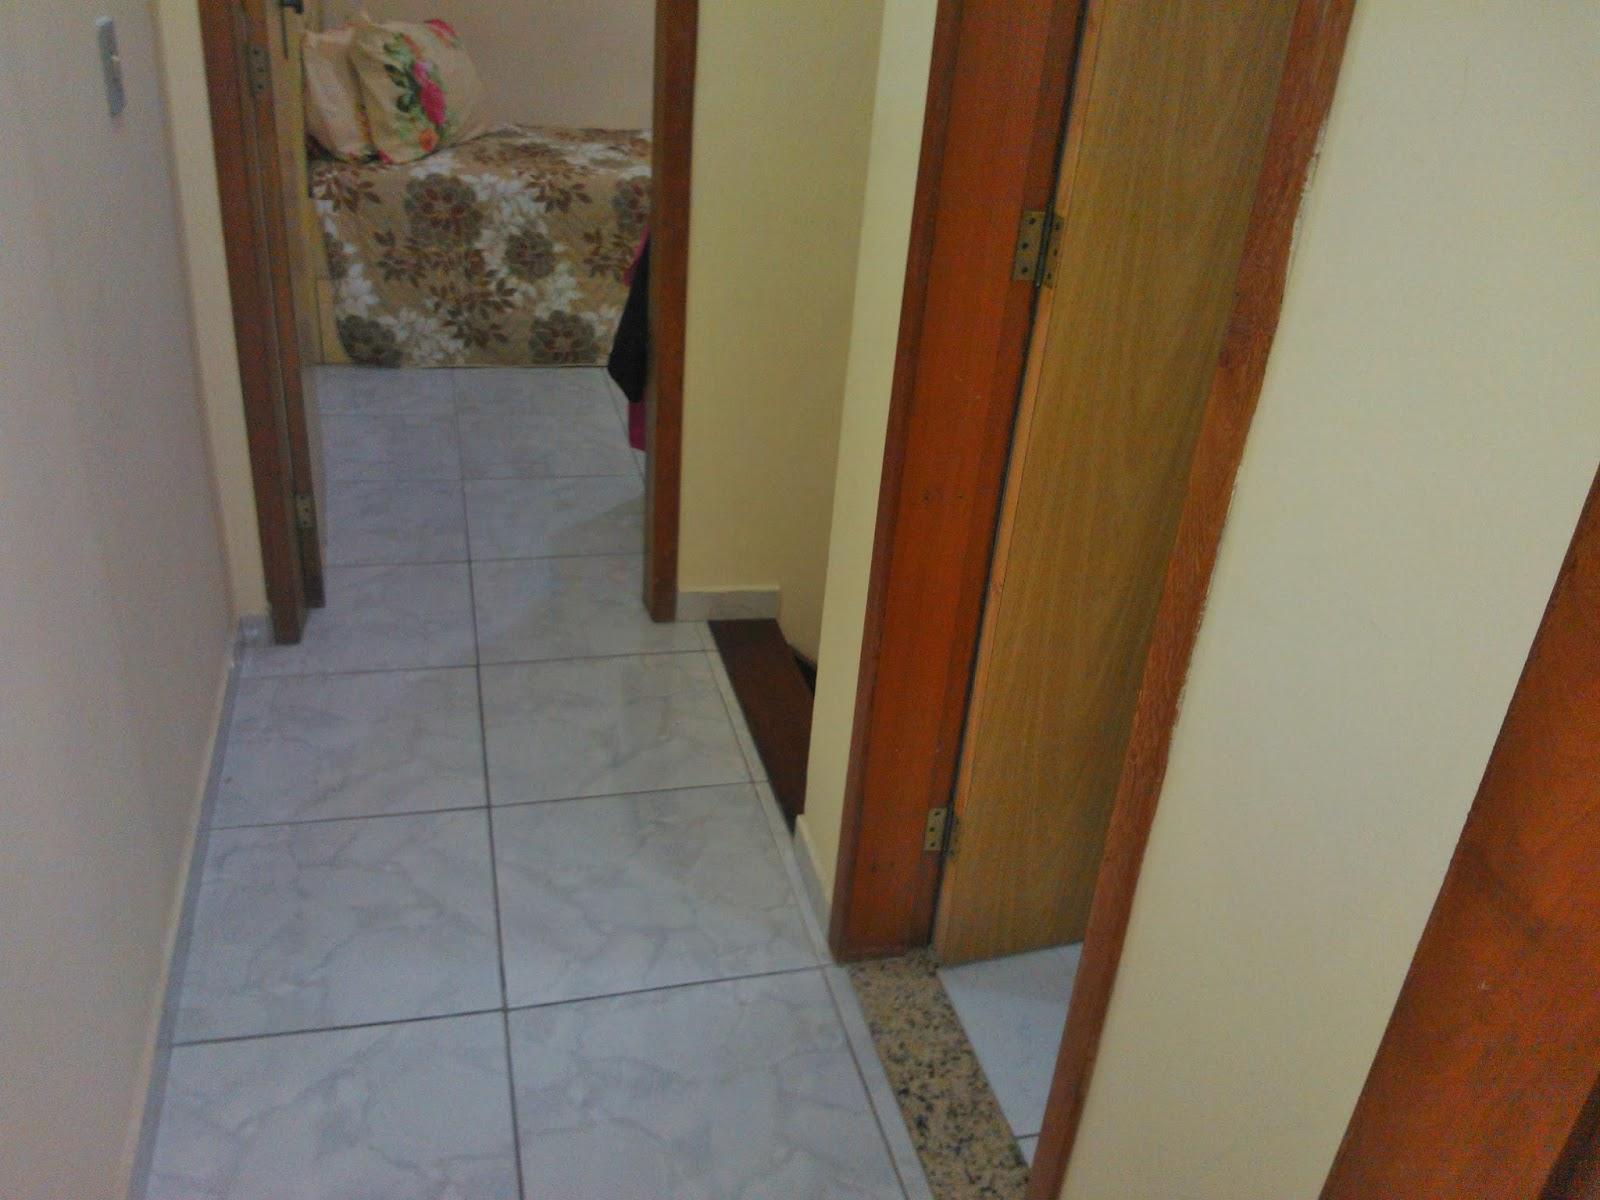 Imagens de #6A3E1C Postado por Corretor Marcelo Lacerda às 16:34 Nenhum comentário: 1600x1200 px 3556 Blindex Banheiro Bh